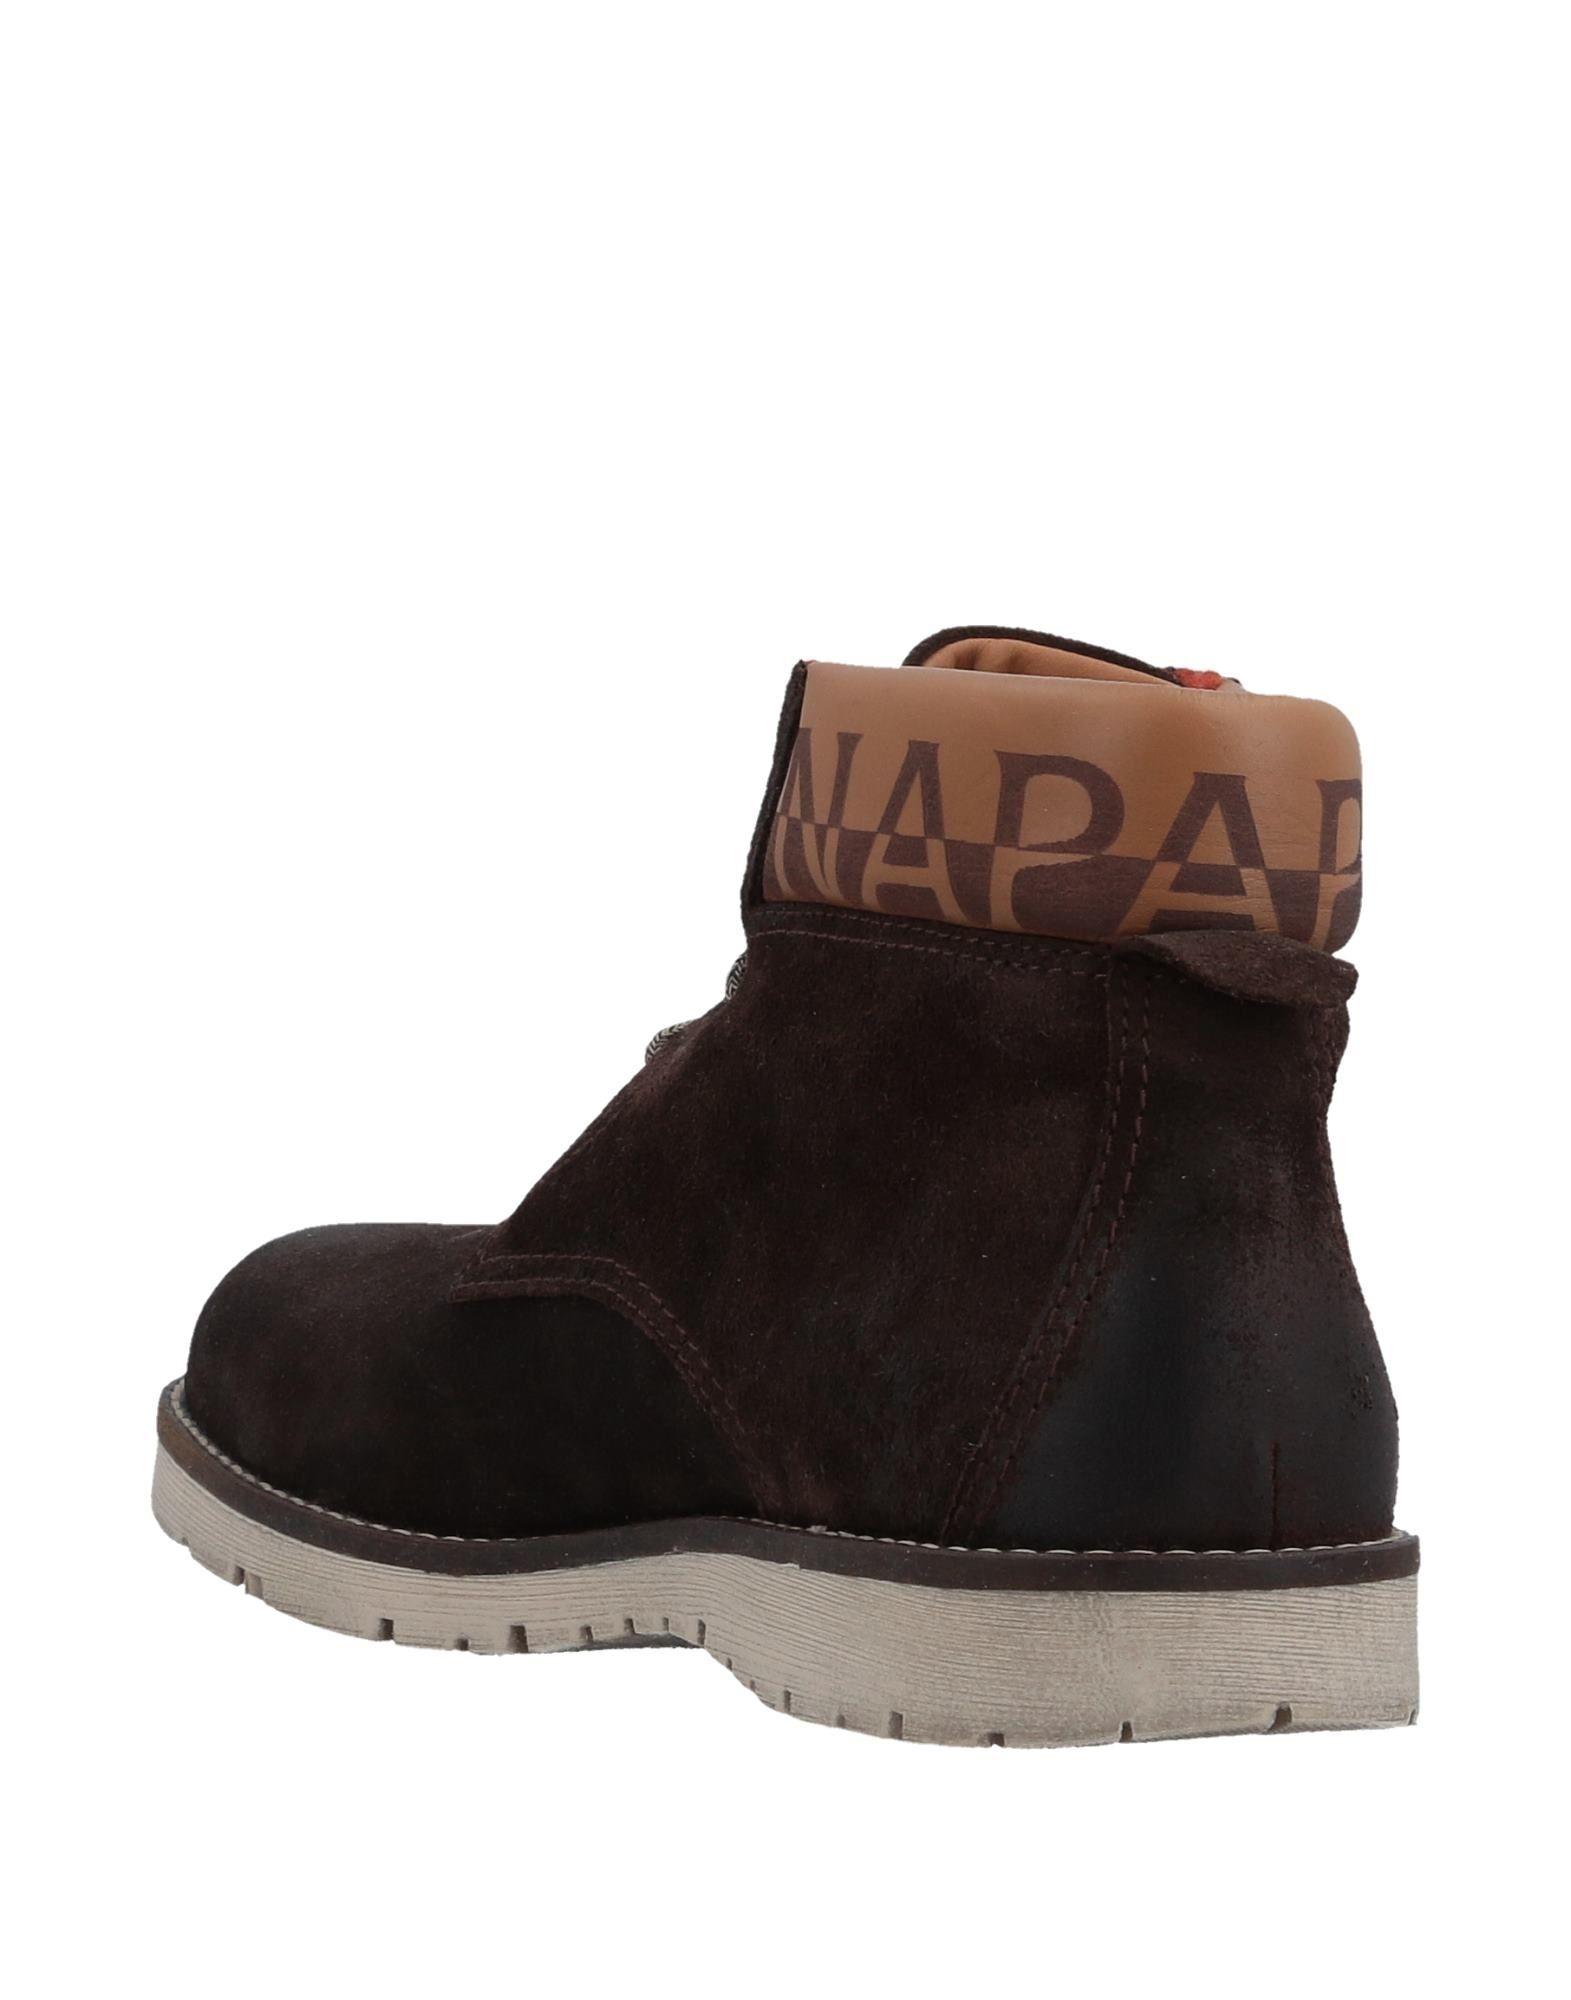 Rabatt Napapijri echte Schuhe Napapijri Rabatt Stiefelette Herren  11509516FS c98056